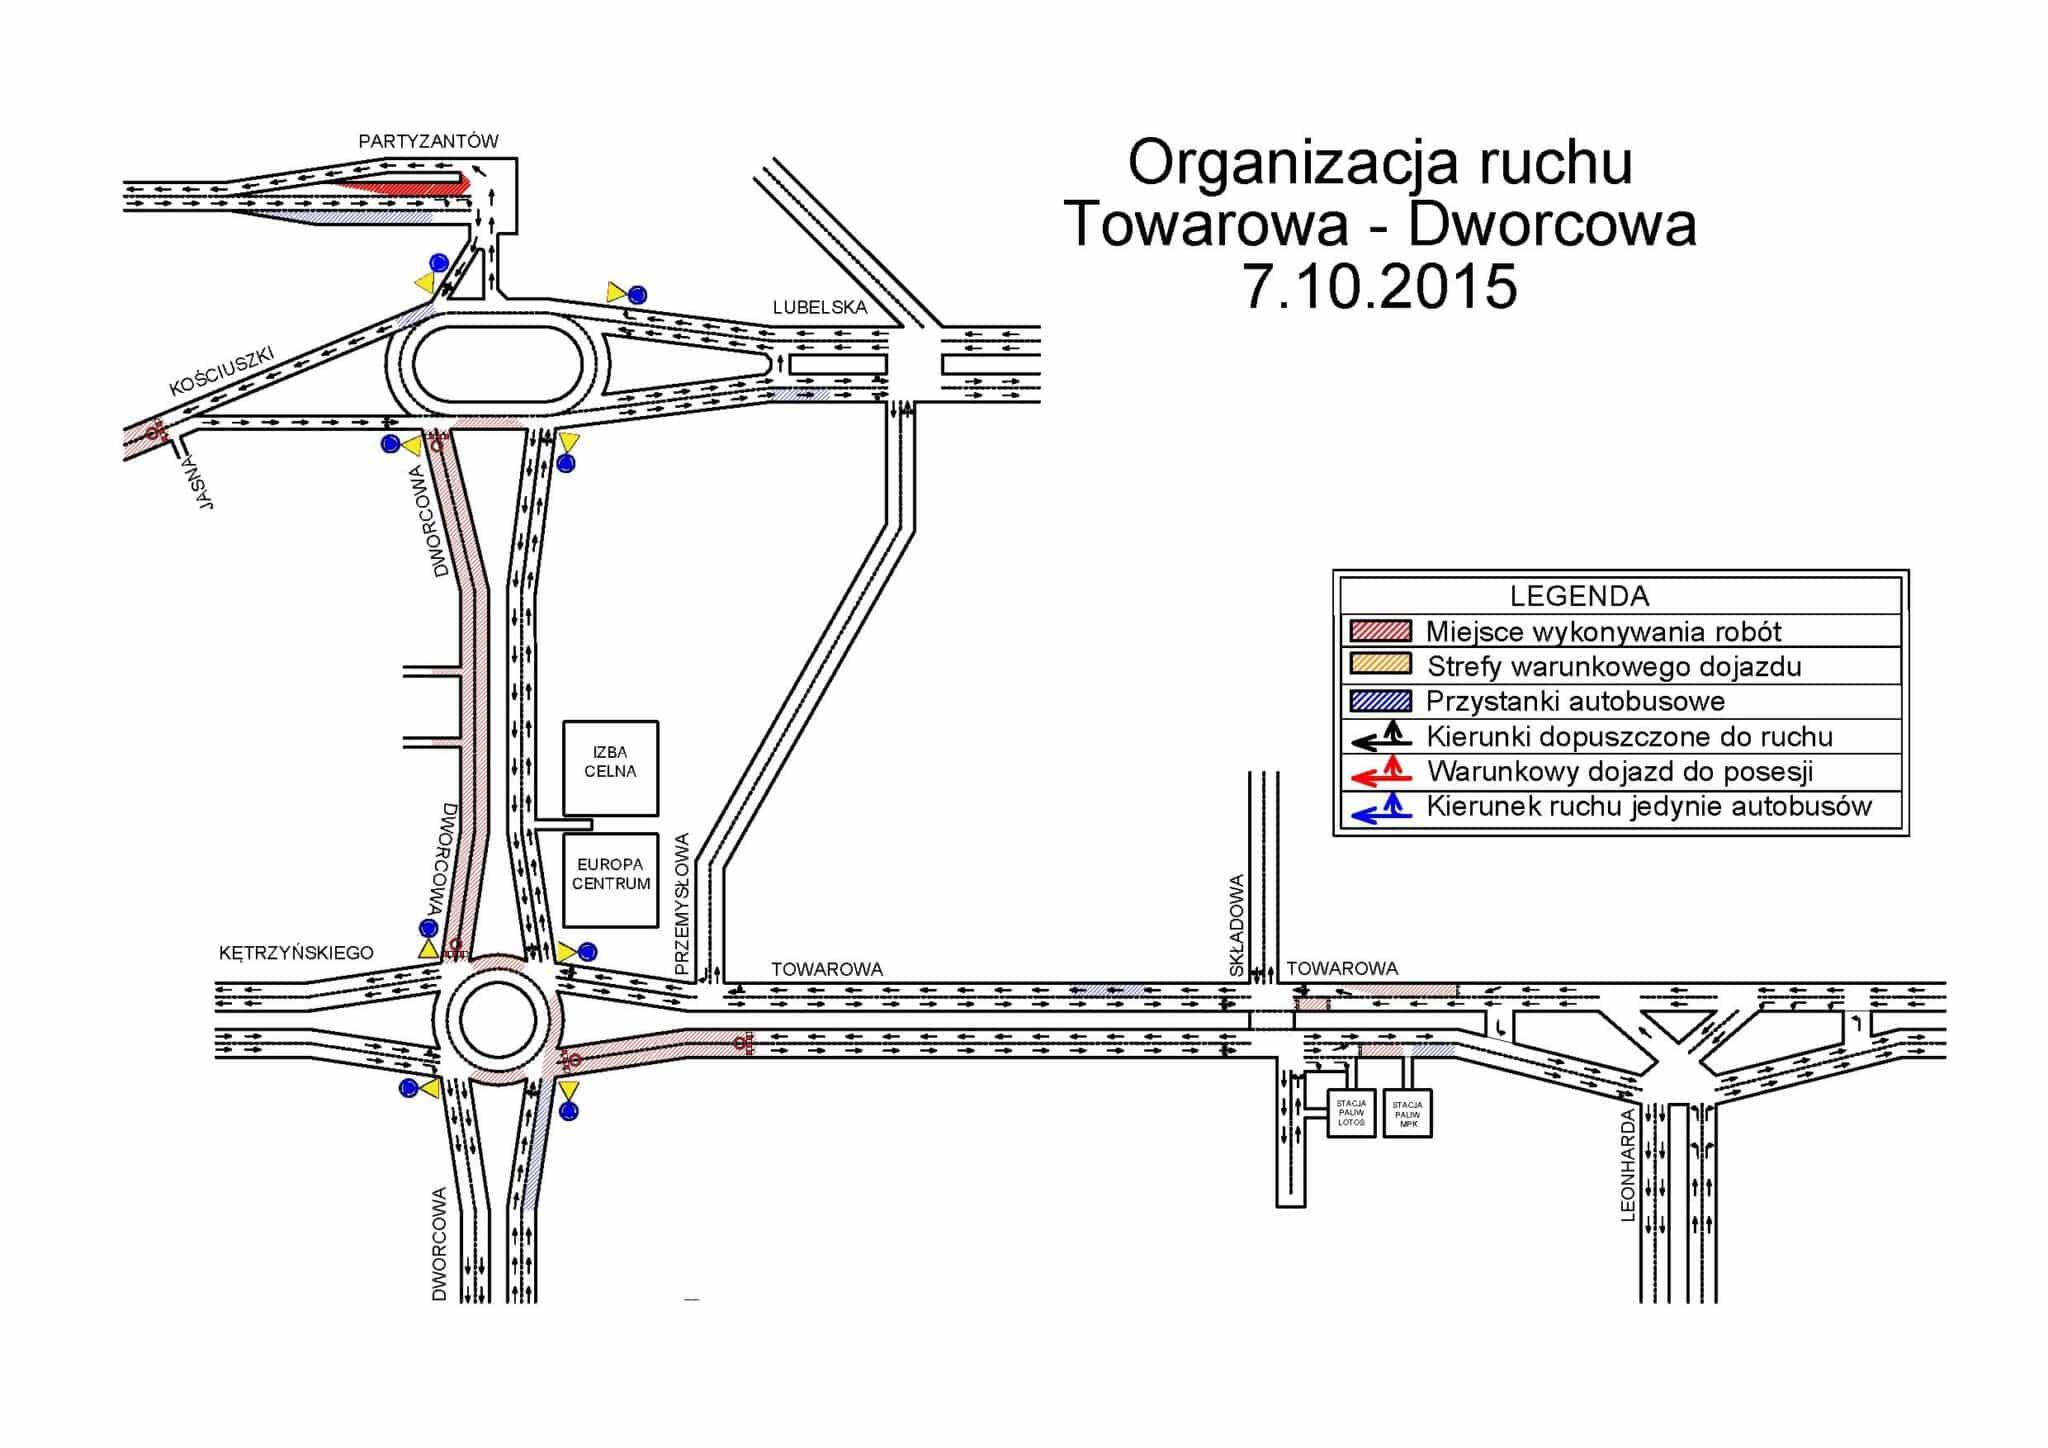 TOR-Dworcowa-Towarowa-zach 7.10.2015